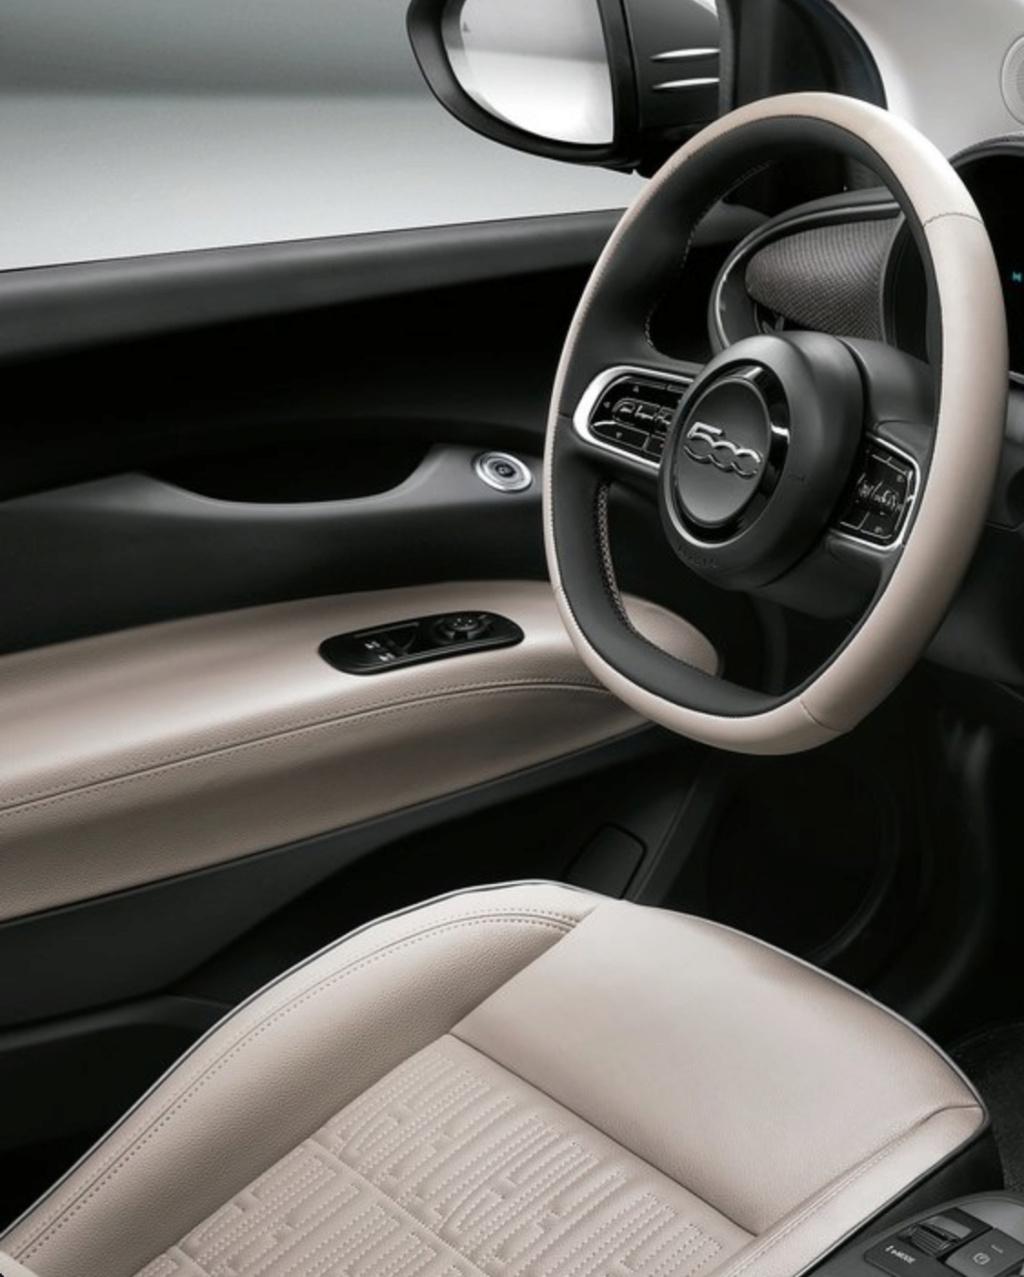 2020 - [Fiat] 500 e - Page 26 Captur85